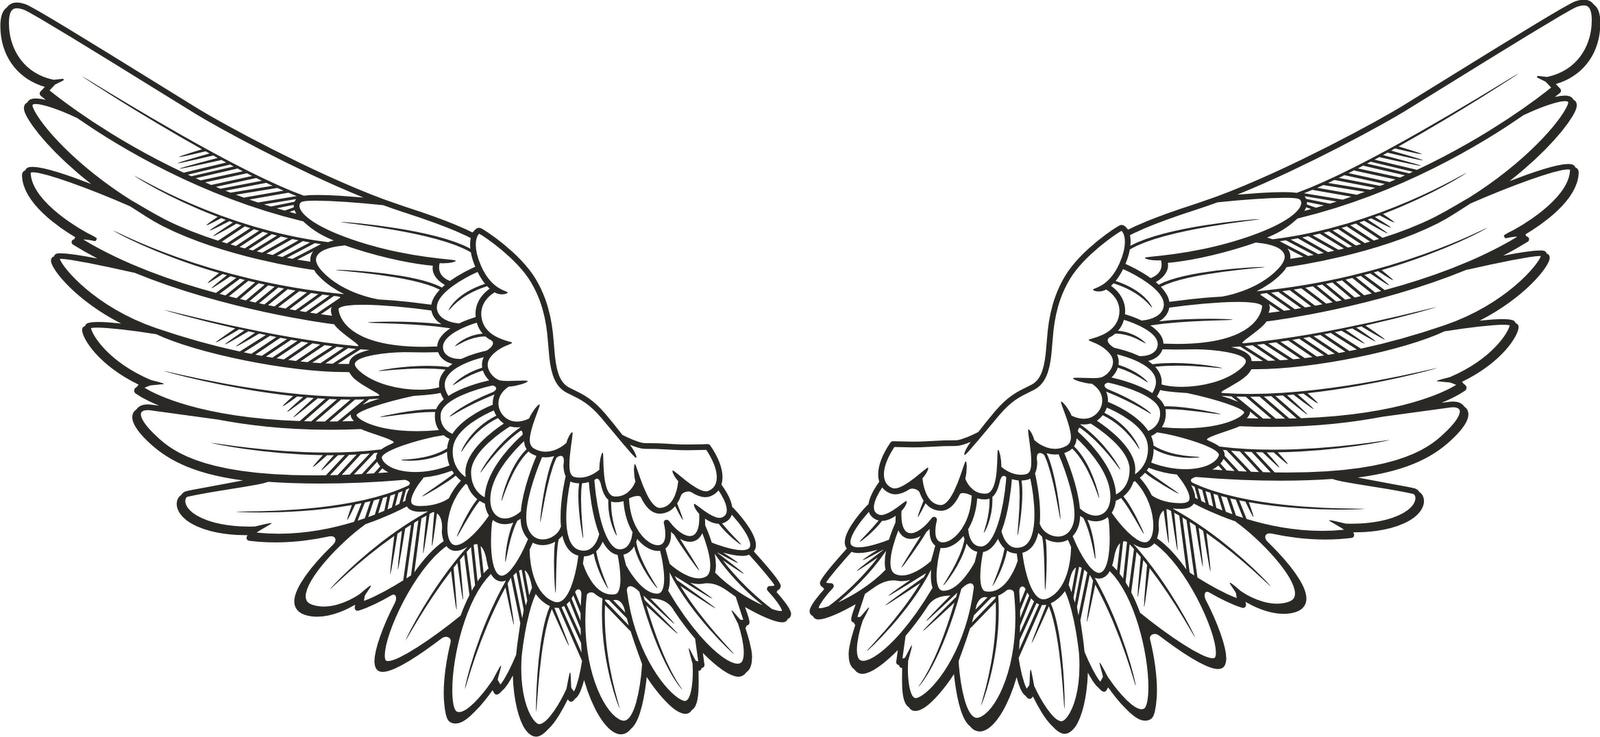 wing drawings akba greenw co